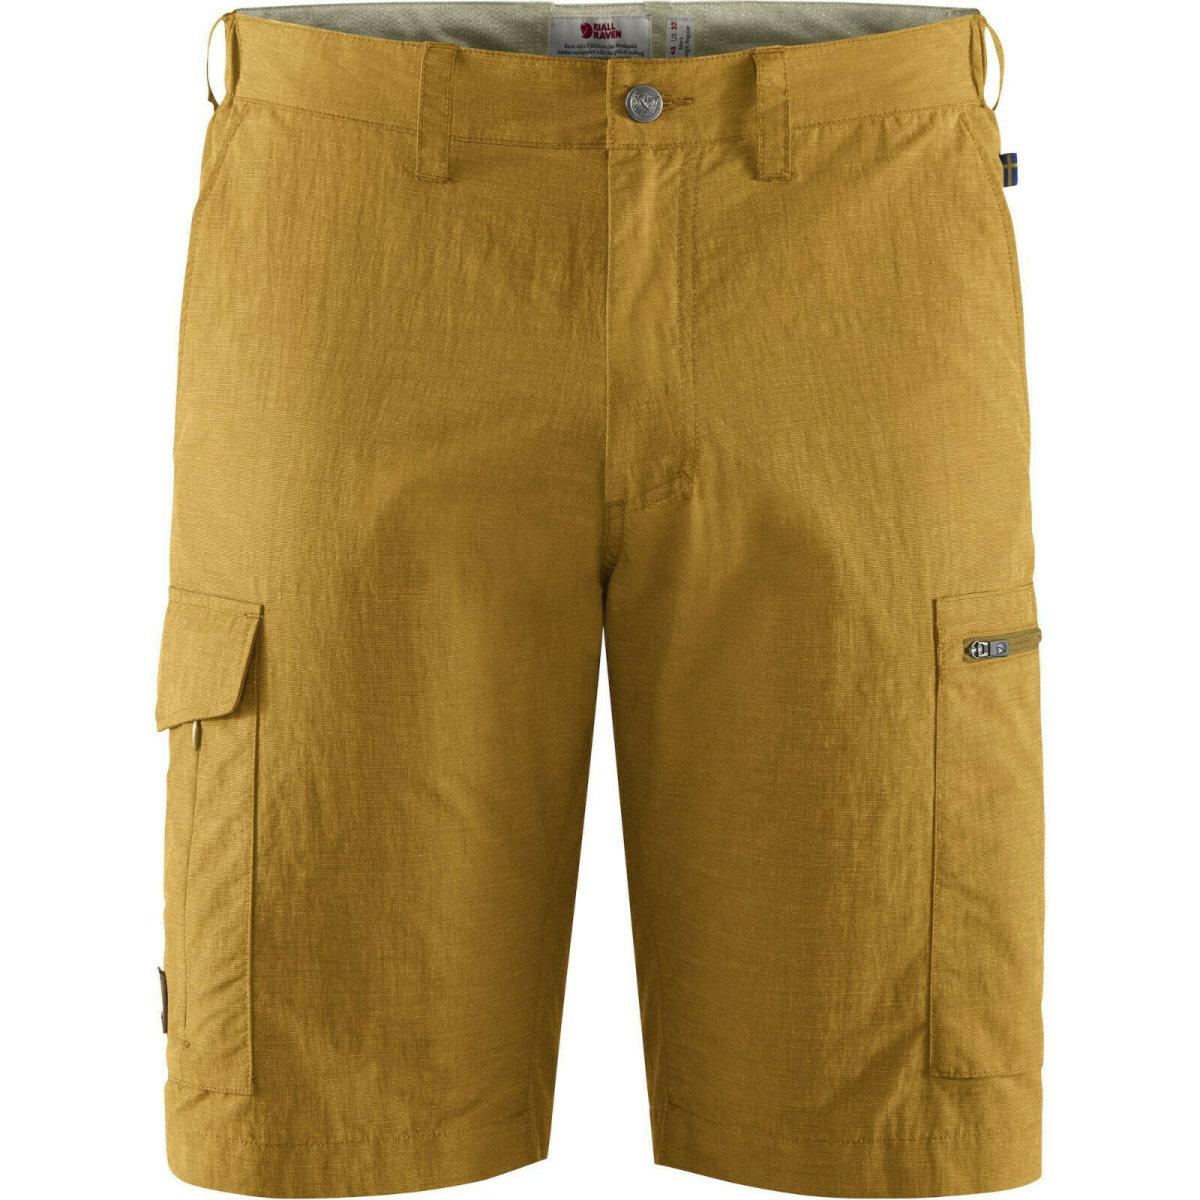 Fjällräven Travellers MT Shorts 84756 ochre MT-Eco Shorts Wanderhose Reisehose 56